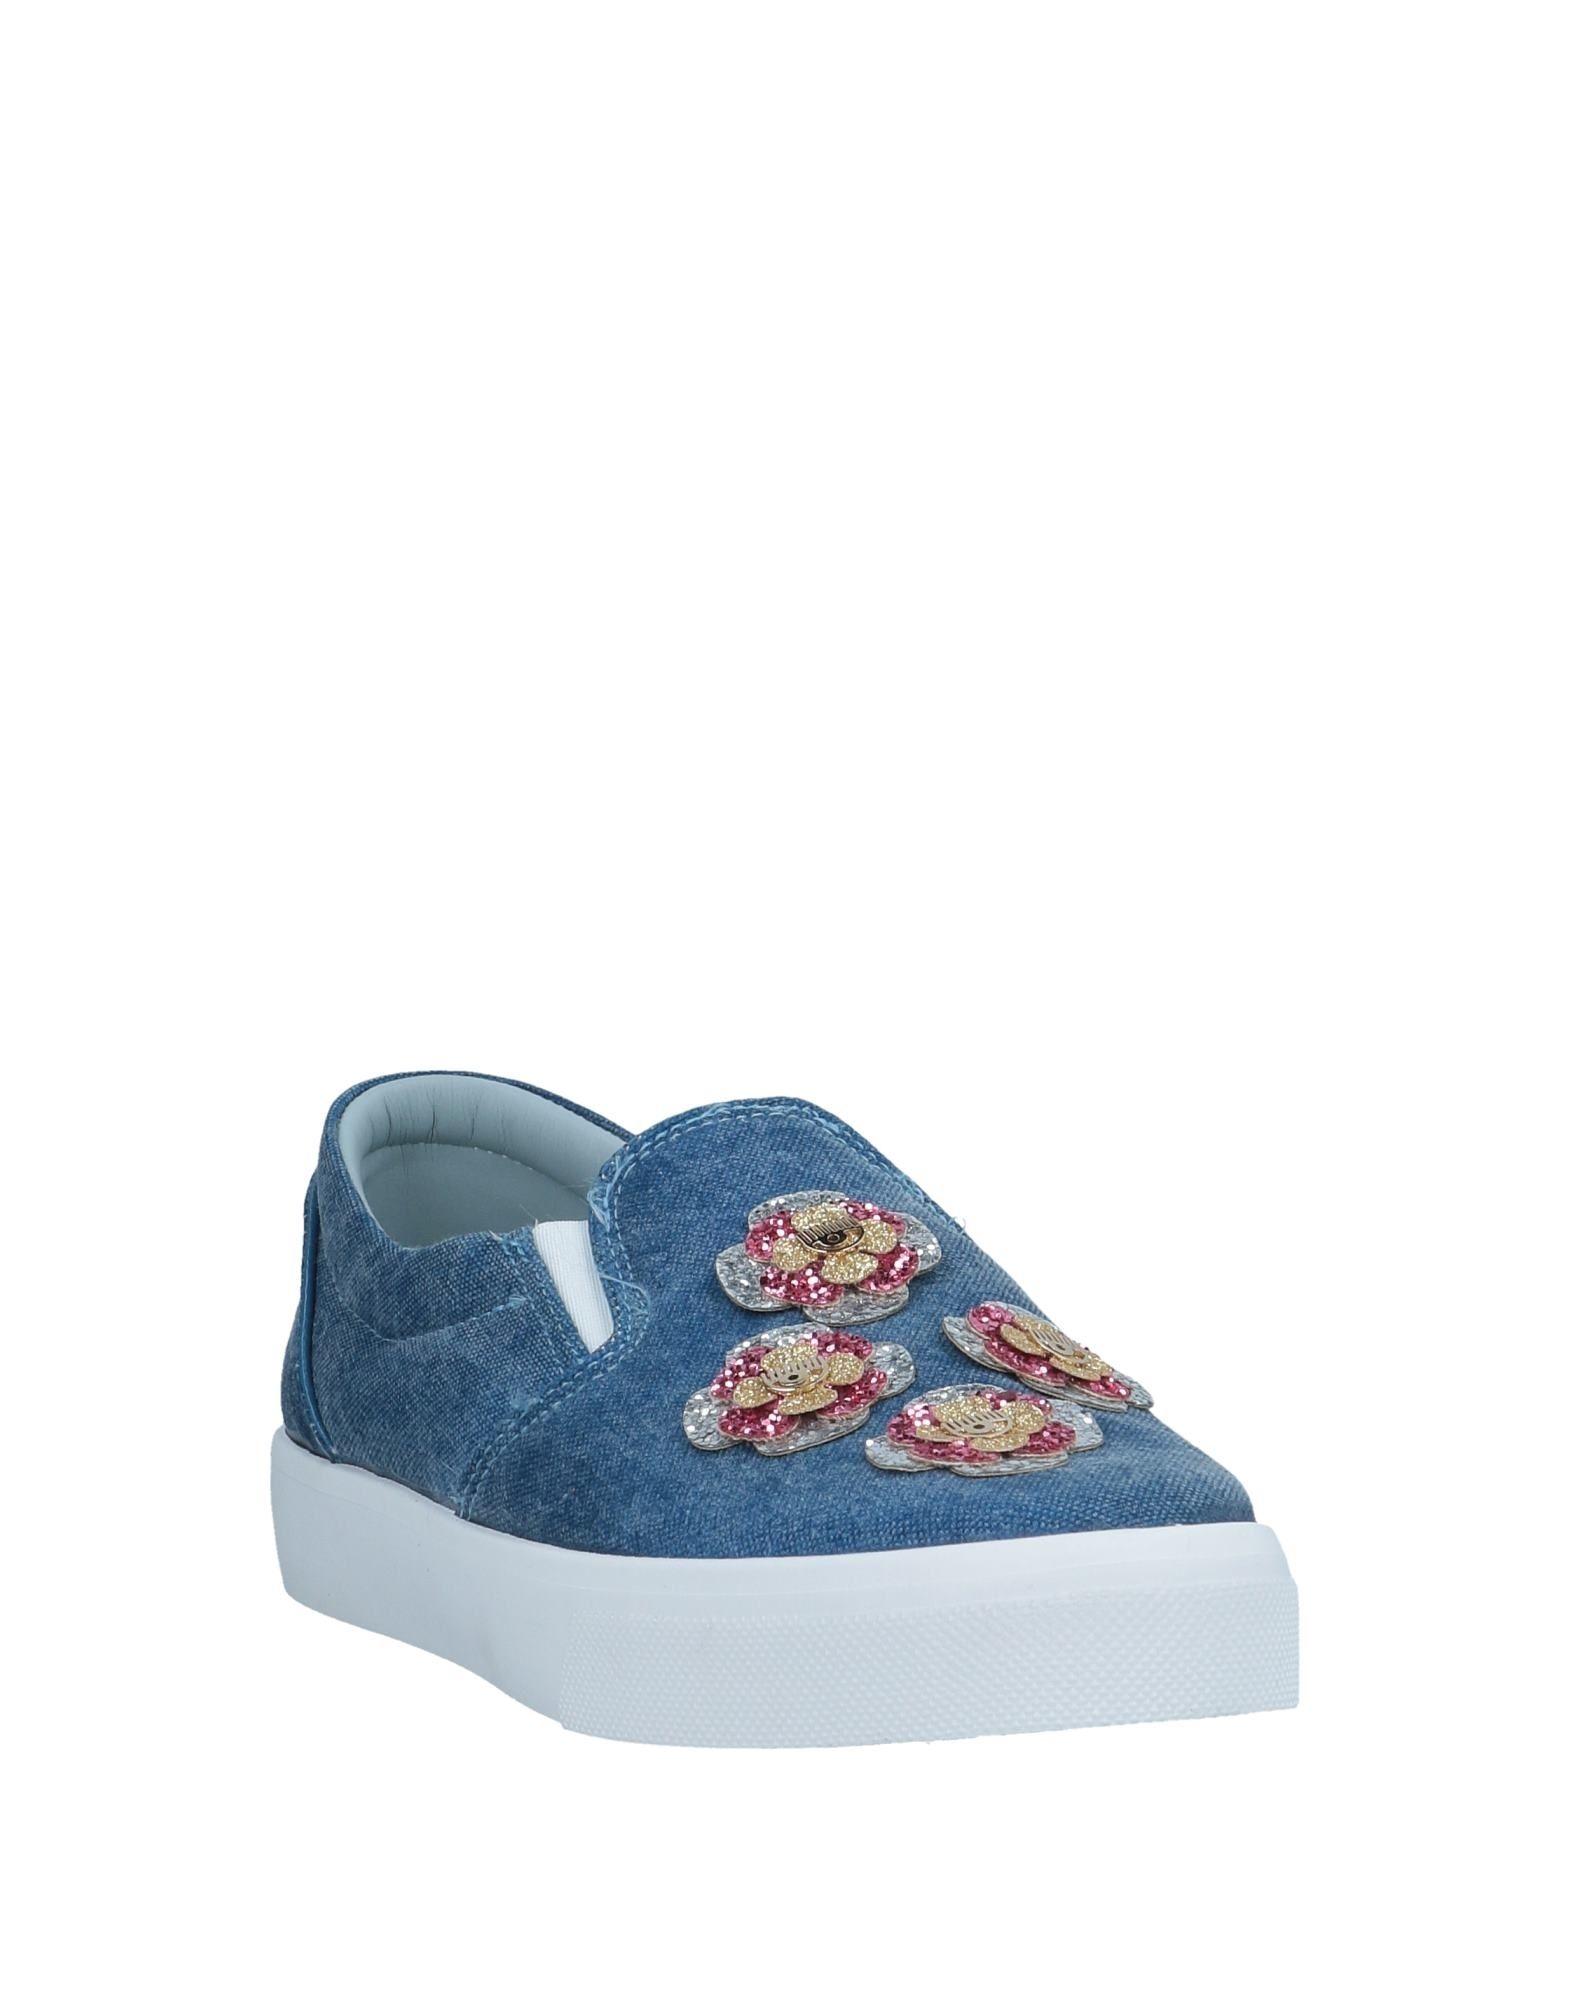 Stilvolle billige Schuhe Chiara Ferragni 11550486LH Sneakers Damen  11550486LH Ferragni c8d98e